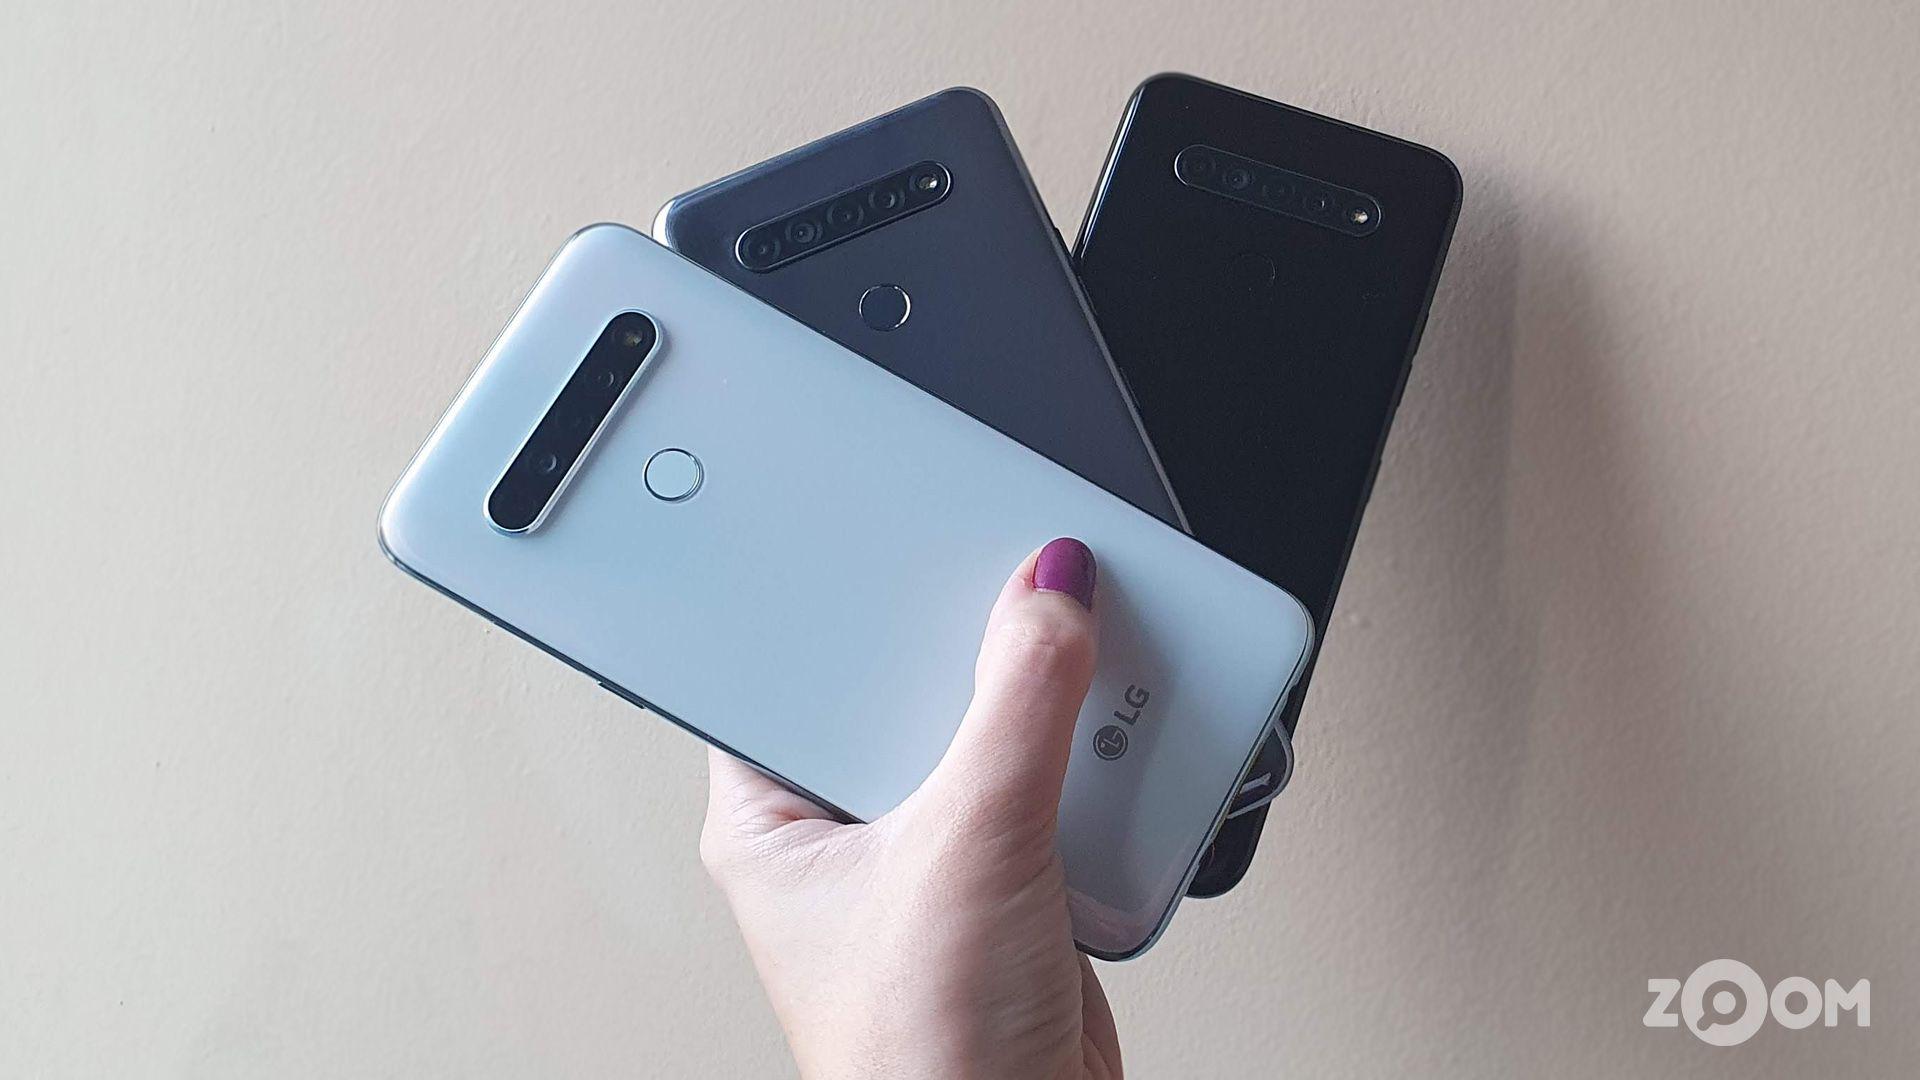 Série K da LG tem três novos modelos em 2020. (Imagem: Ana Marques/Zoom)